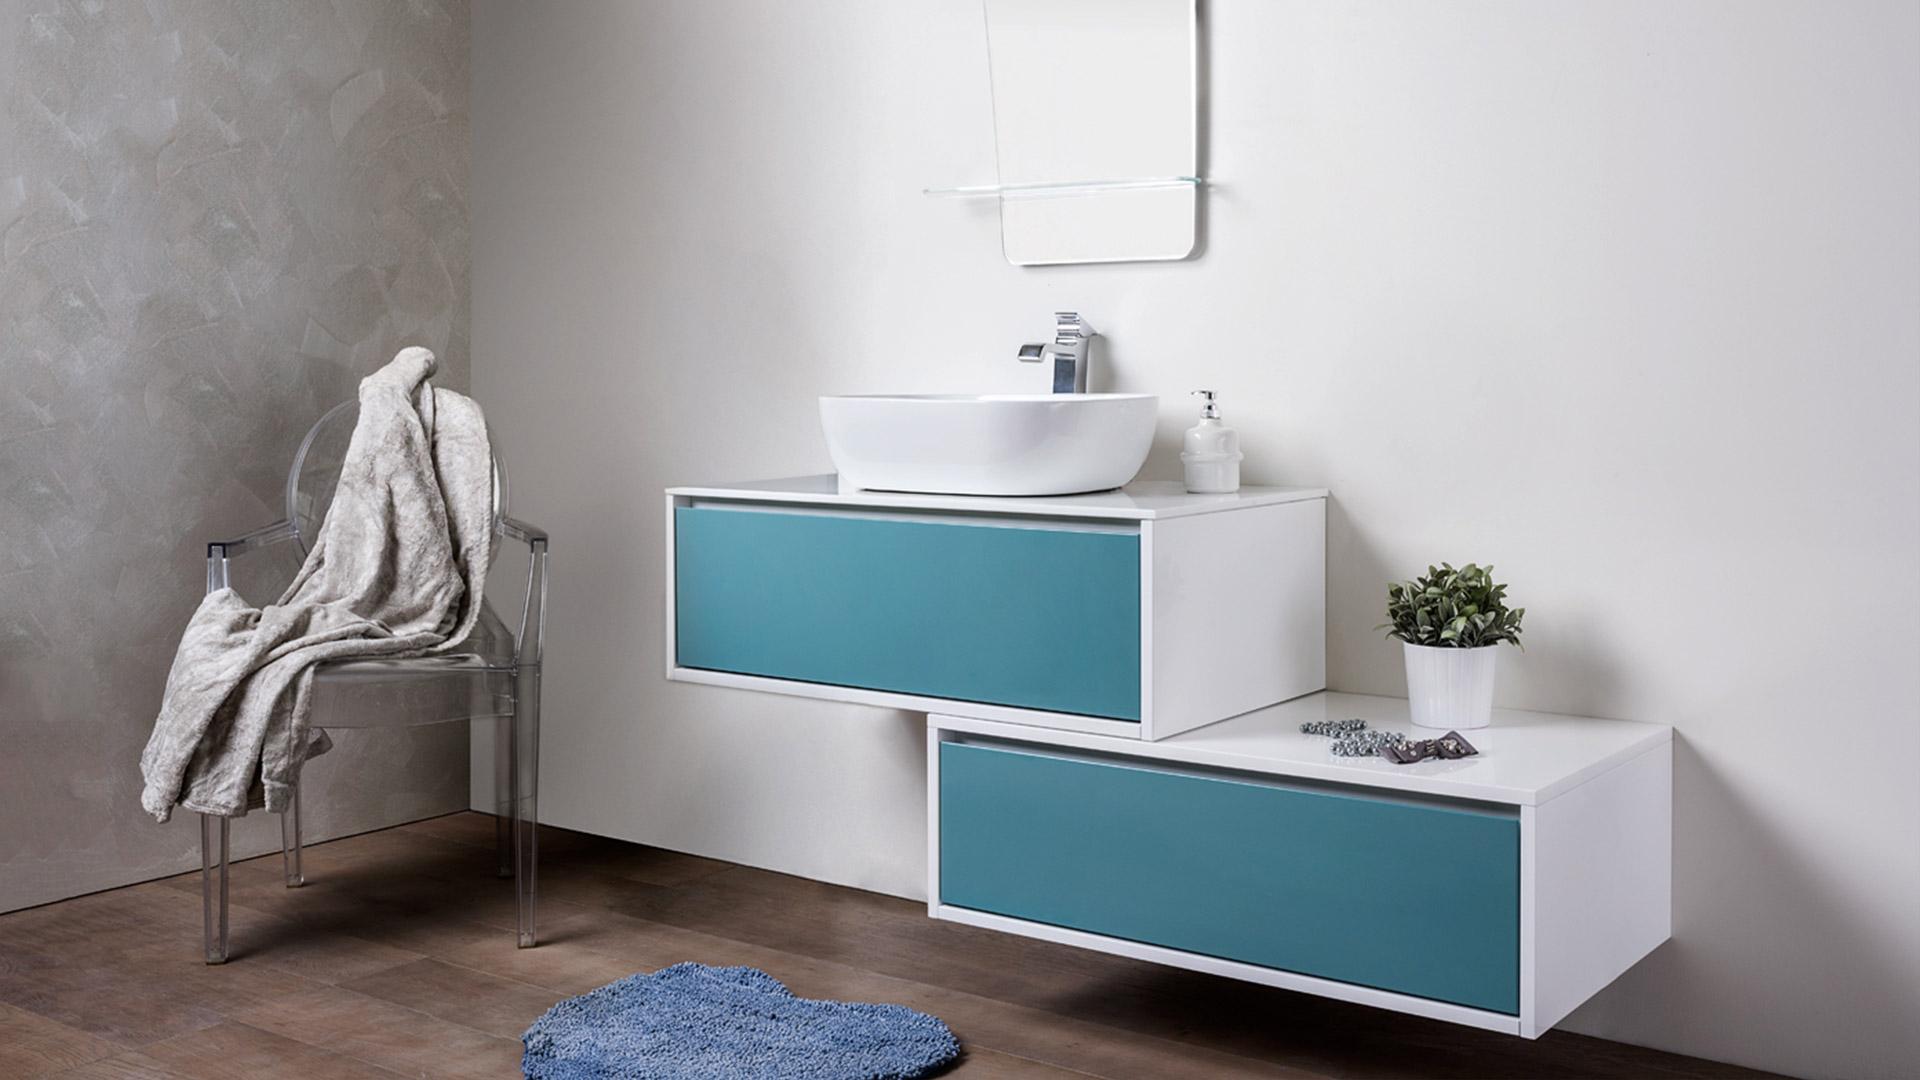 Tulli zuccari produzione di mobili e accessori per il bagno - Produzione accessori bagno ...